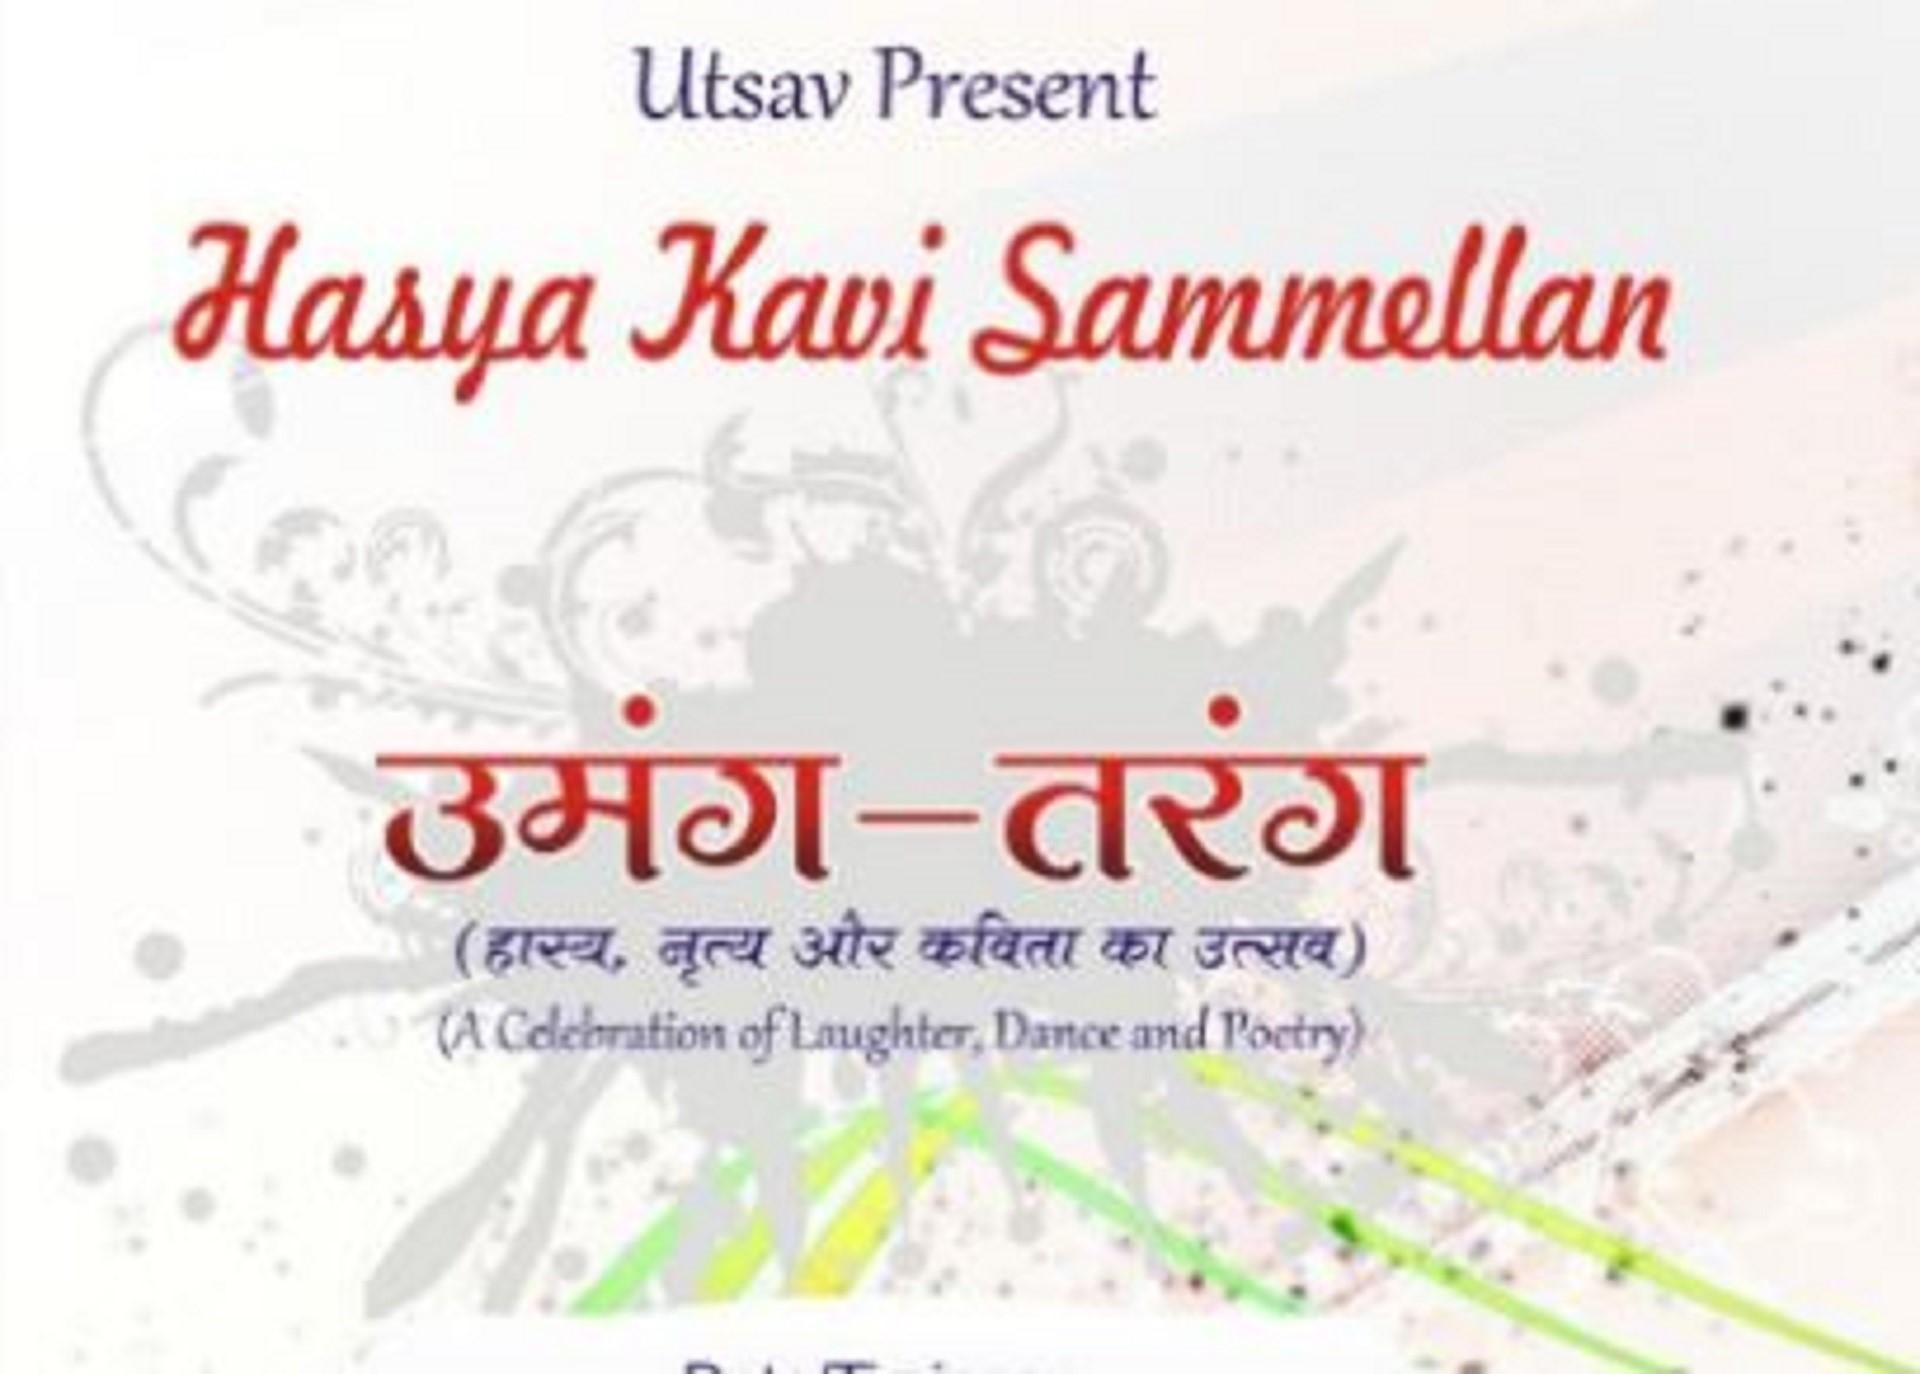 Hasya kavi sammelanumang tarang seattle in eastside bahai hasya kavi sammelanumang tarang seattle 1betcityfo Images